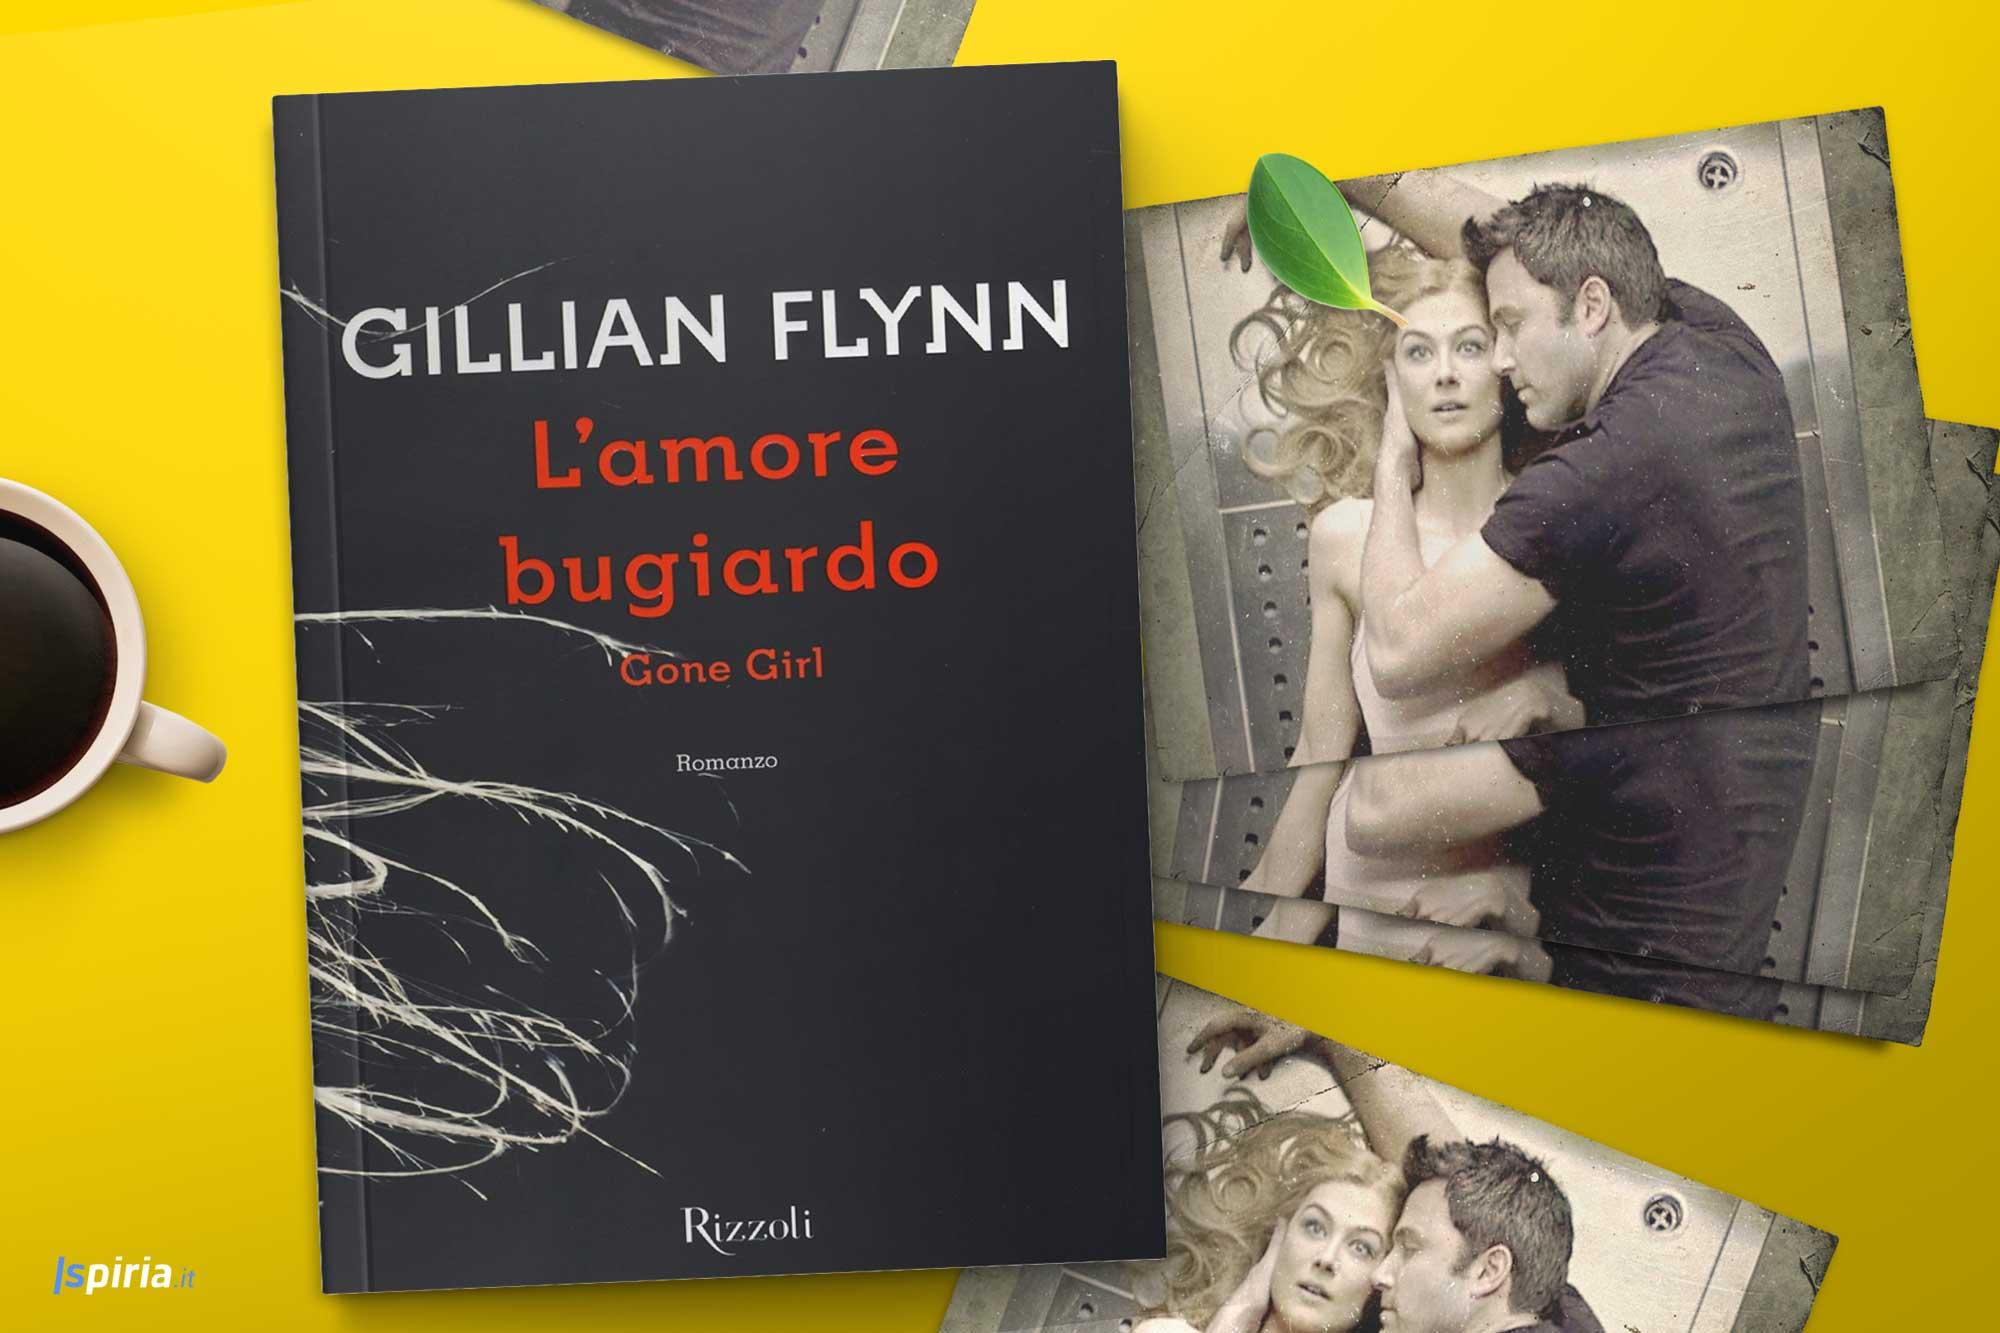 l'amore-bugiardo-gone-girl-migliori-libri-gialli